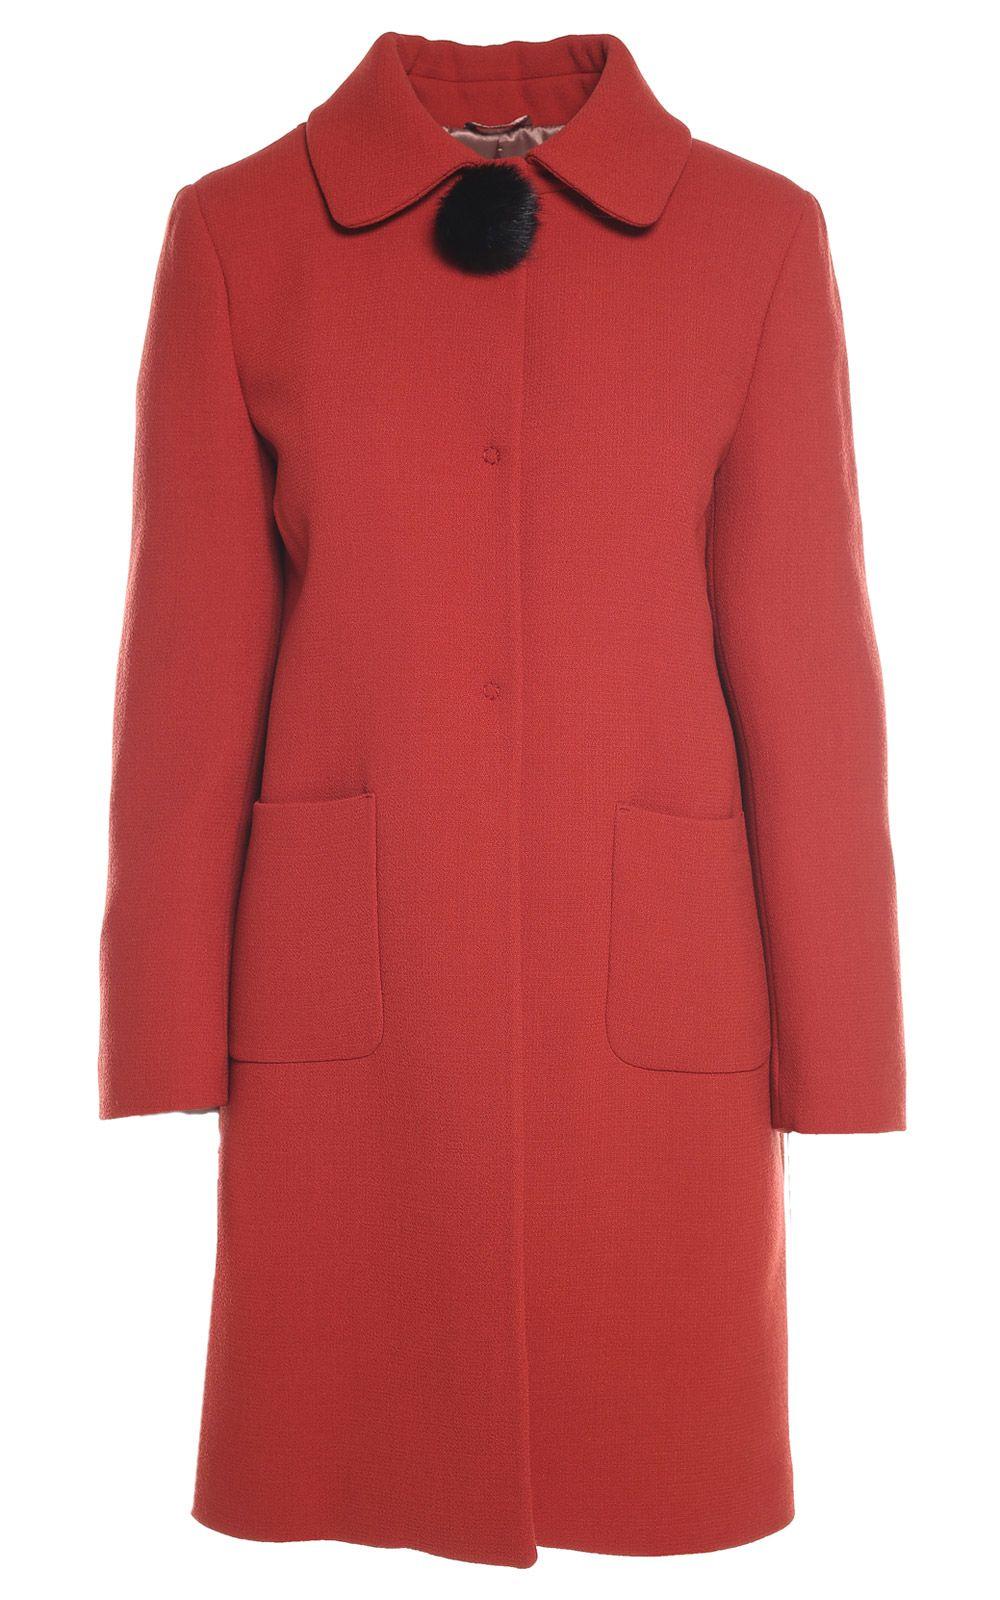 LAutre Chose Pom-pom Embellished Wool-crepe Coat